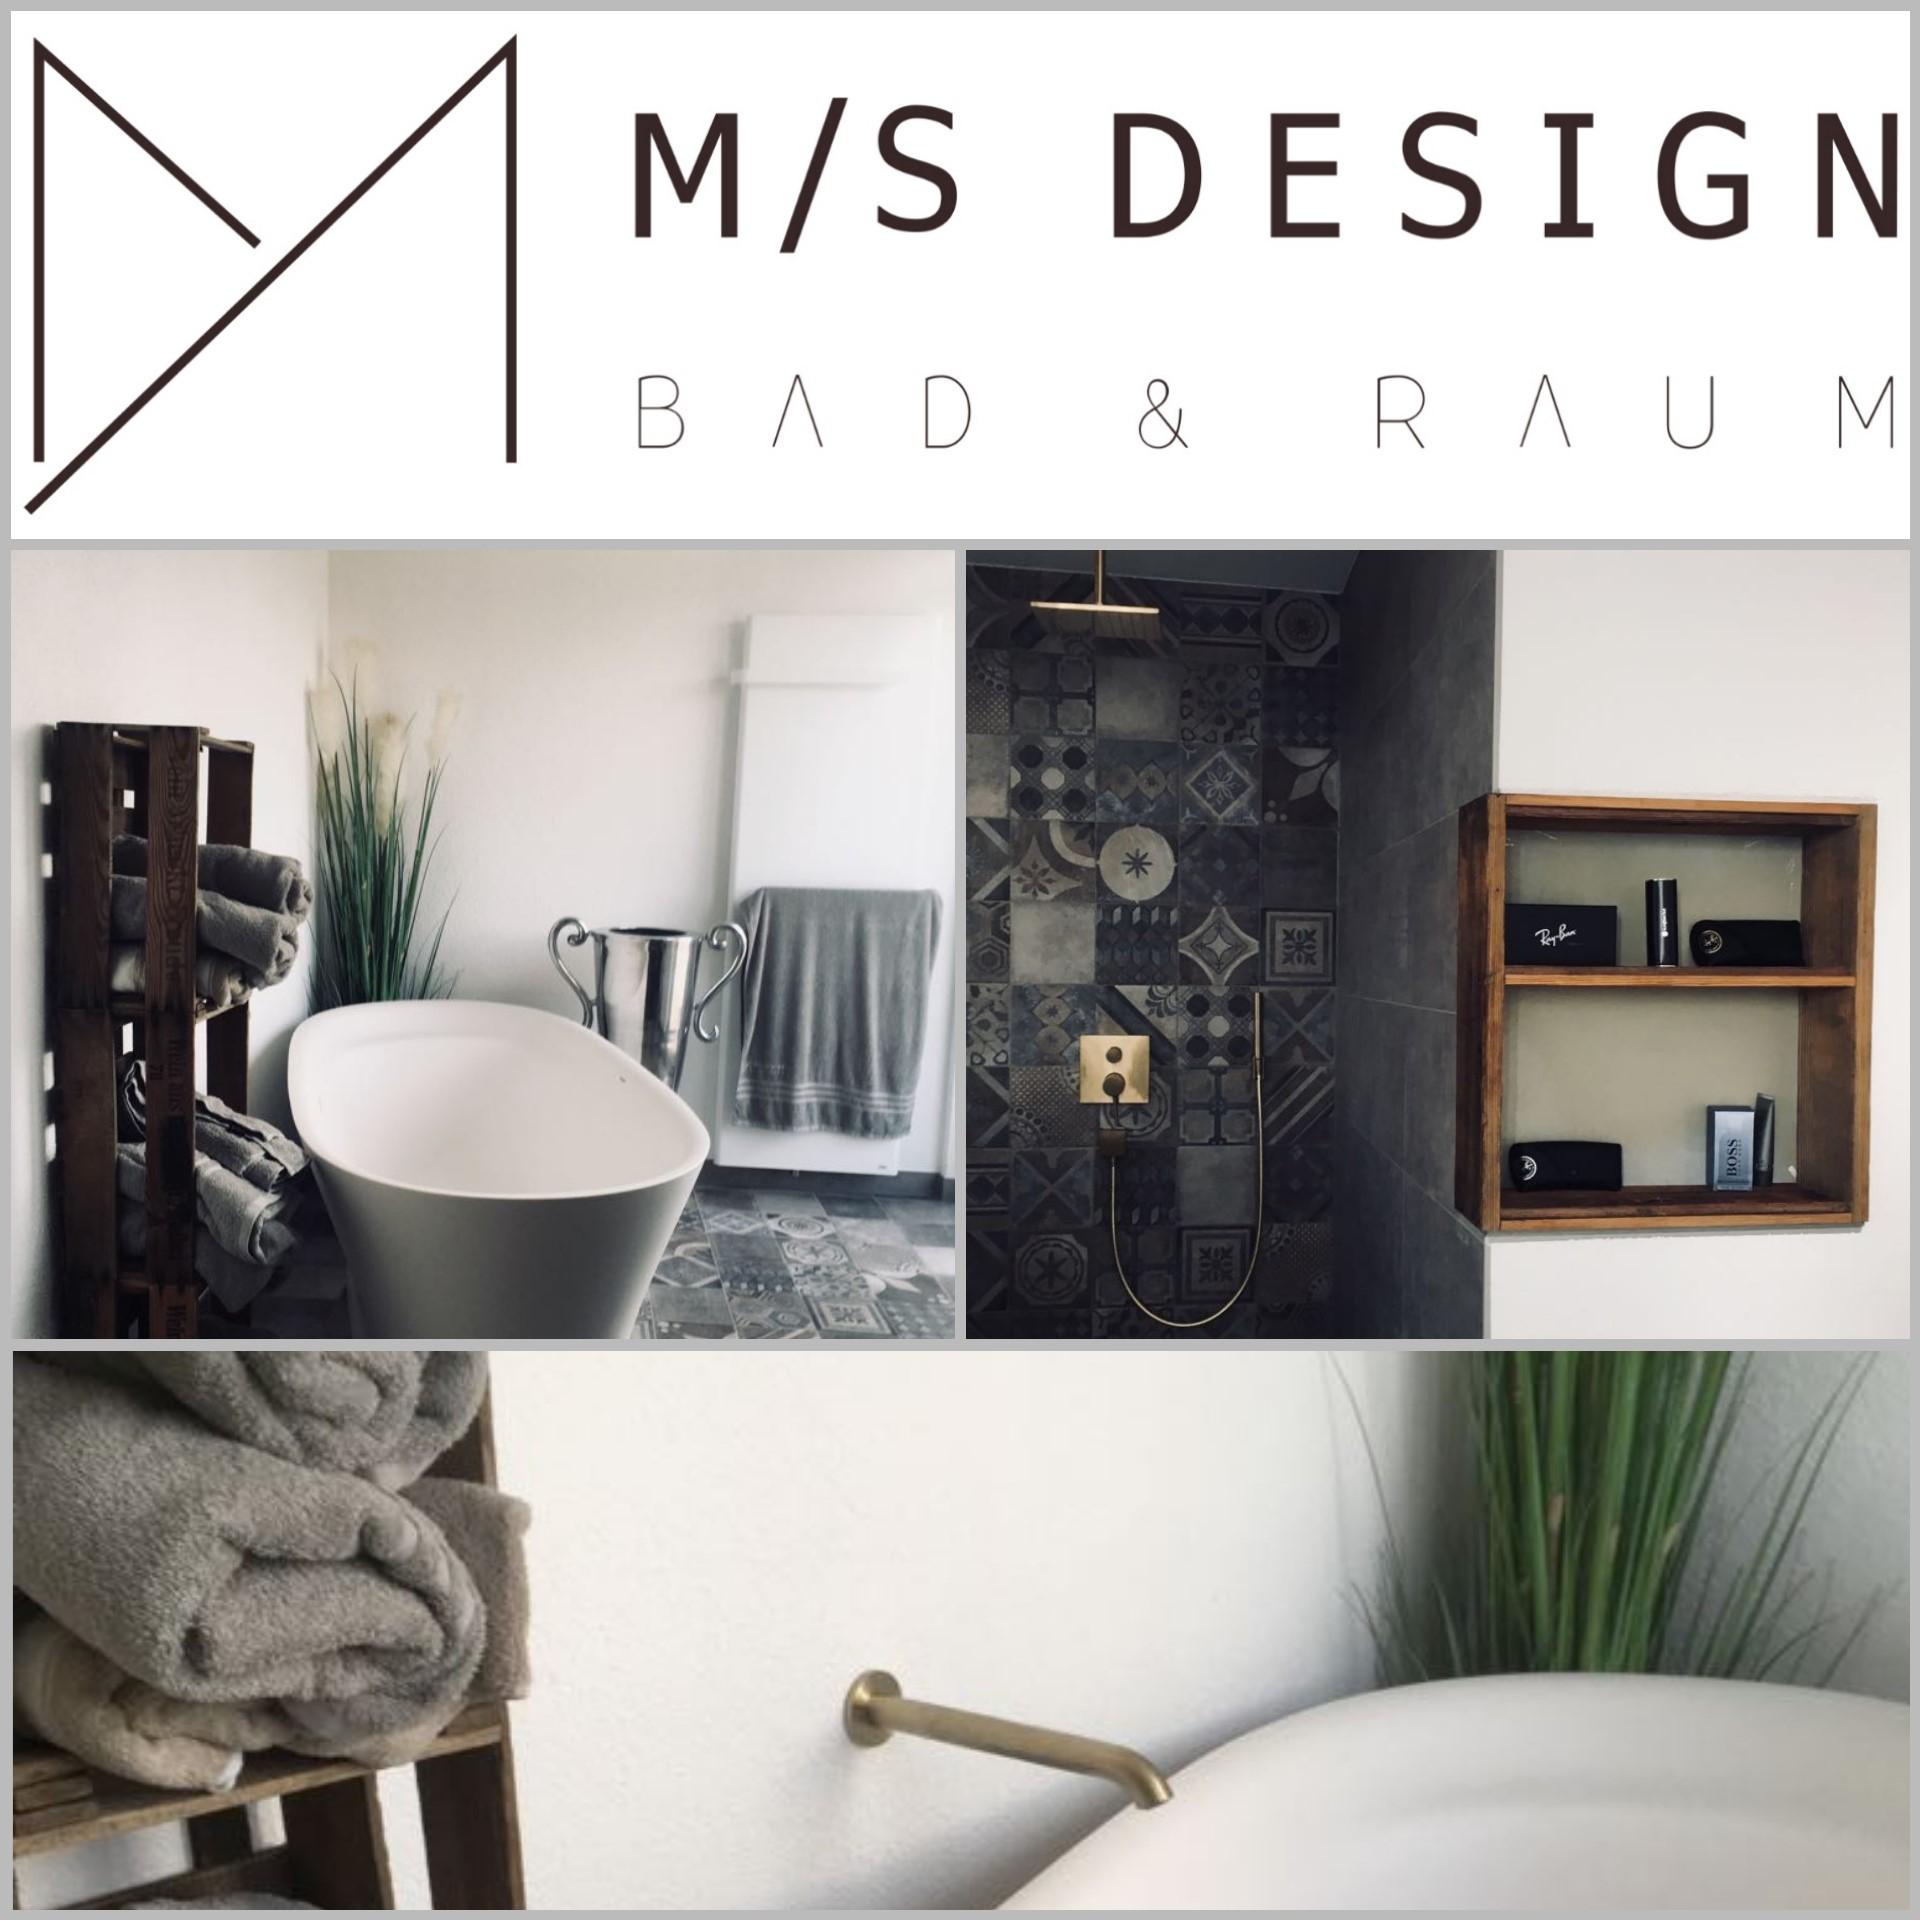 skandinavisches badezimmer flair mitten in freiburg m s design. Black Bedroom Furniture Sets. Home Design Ideas